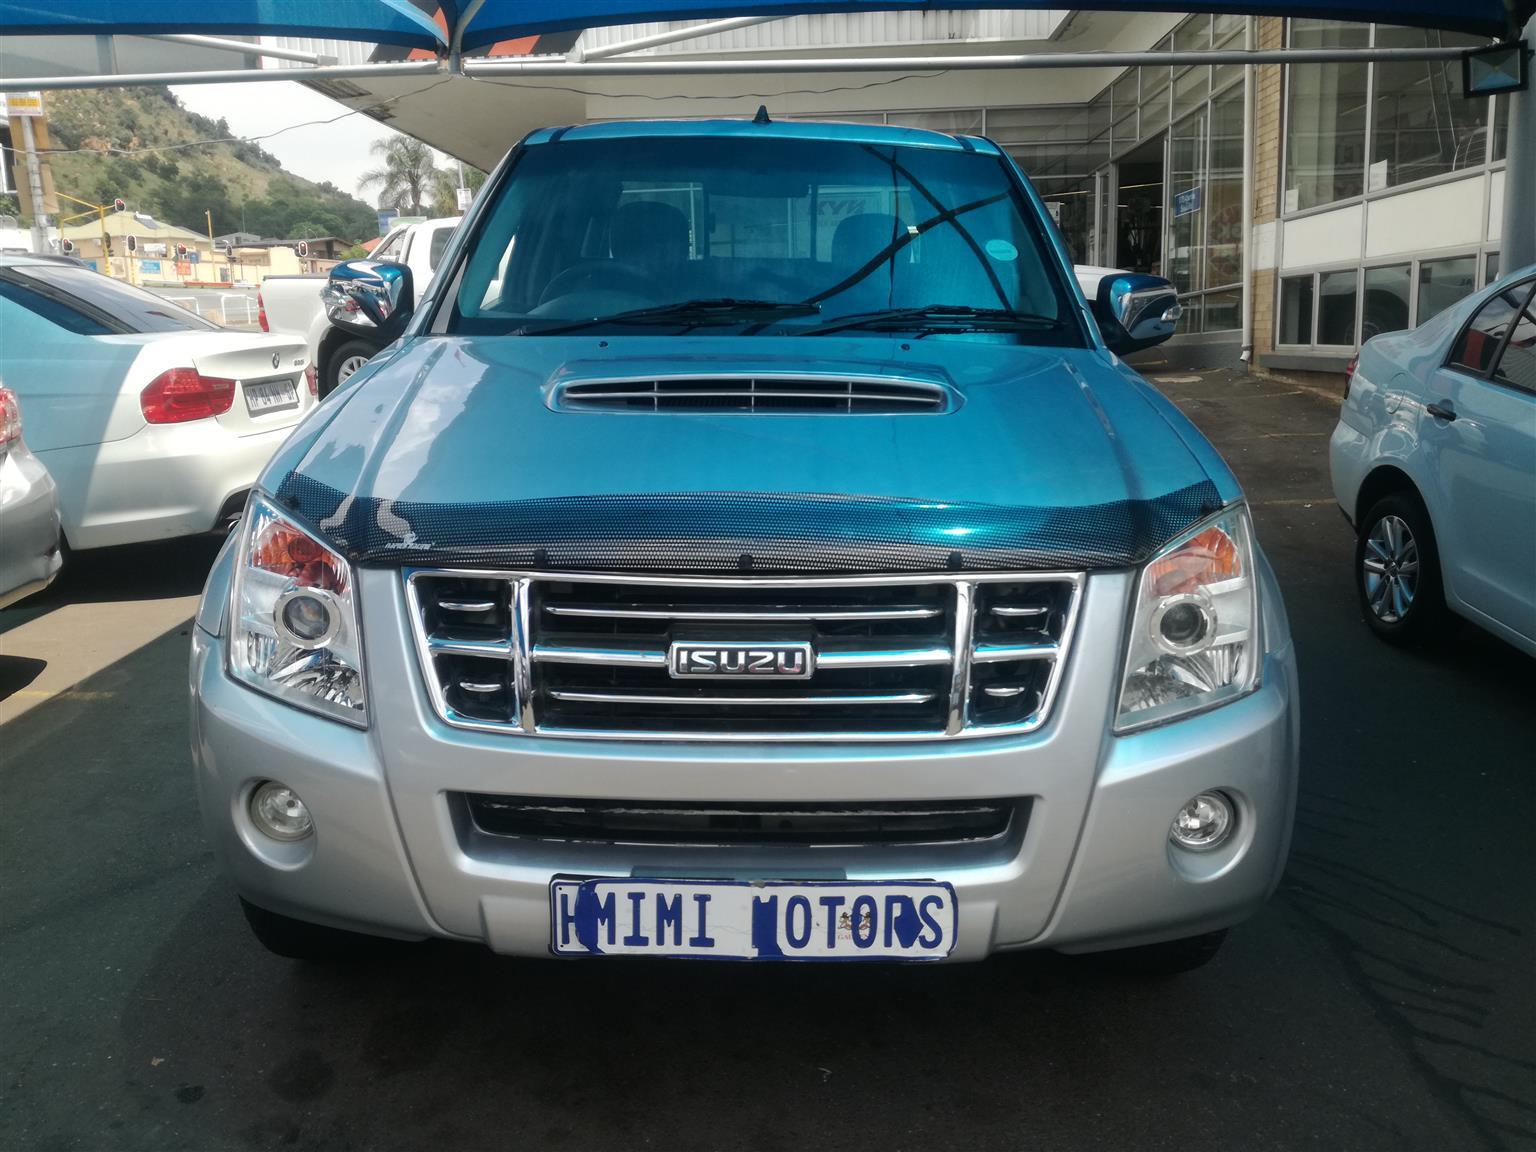 2008 Isuzu KB 300D Teq Extended cab 4x4 LX